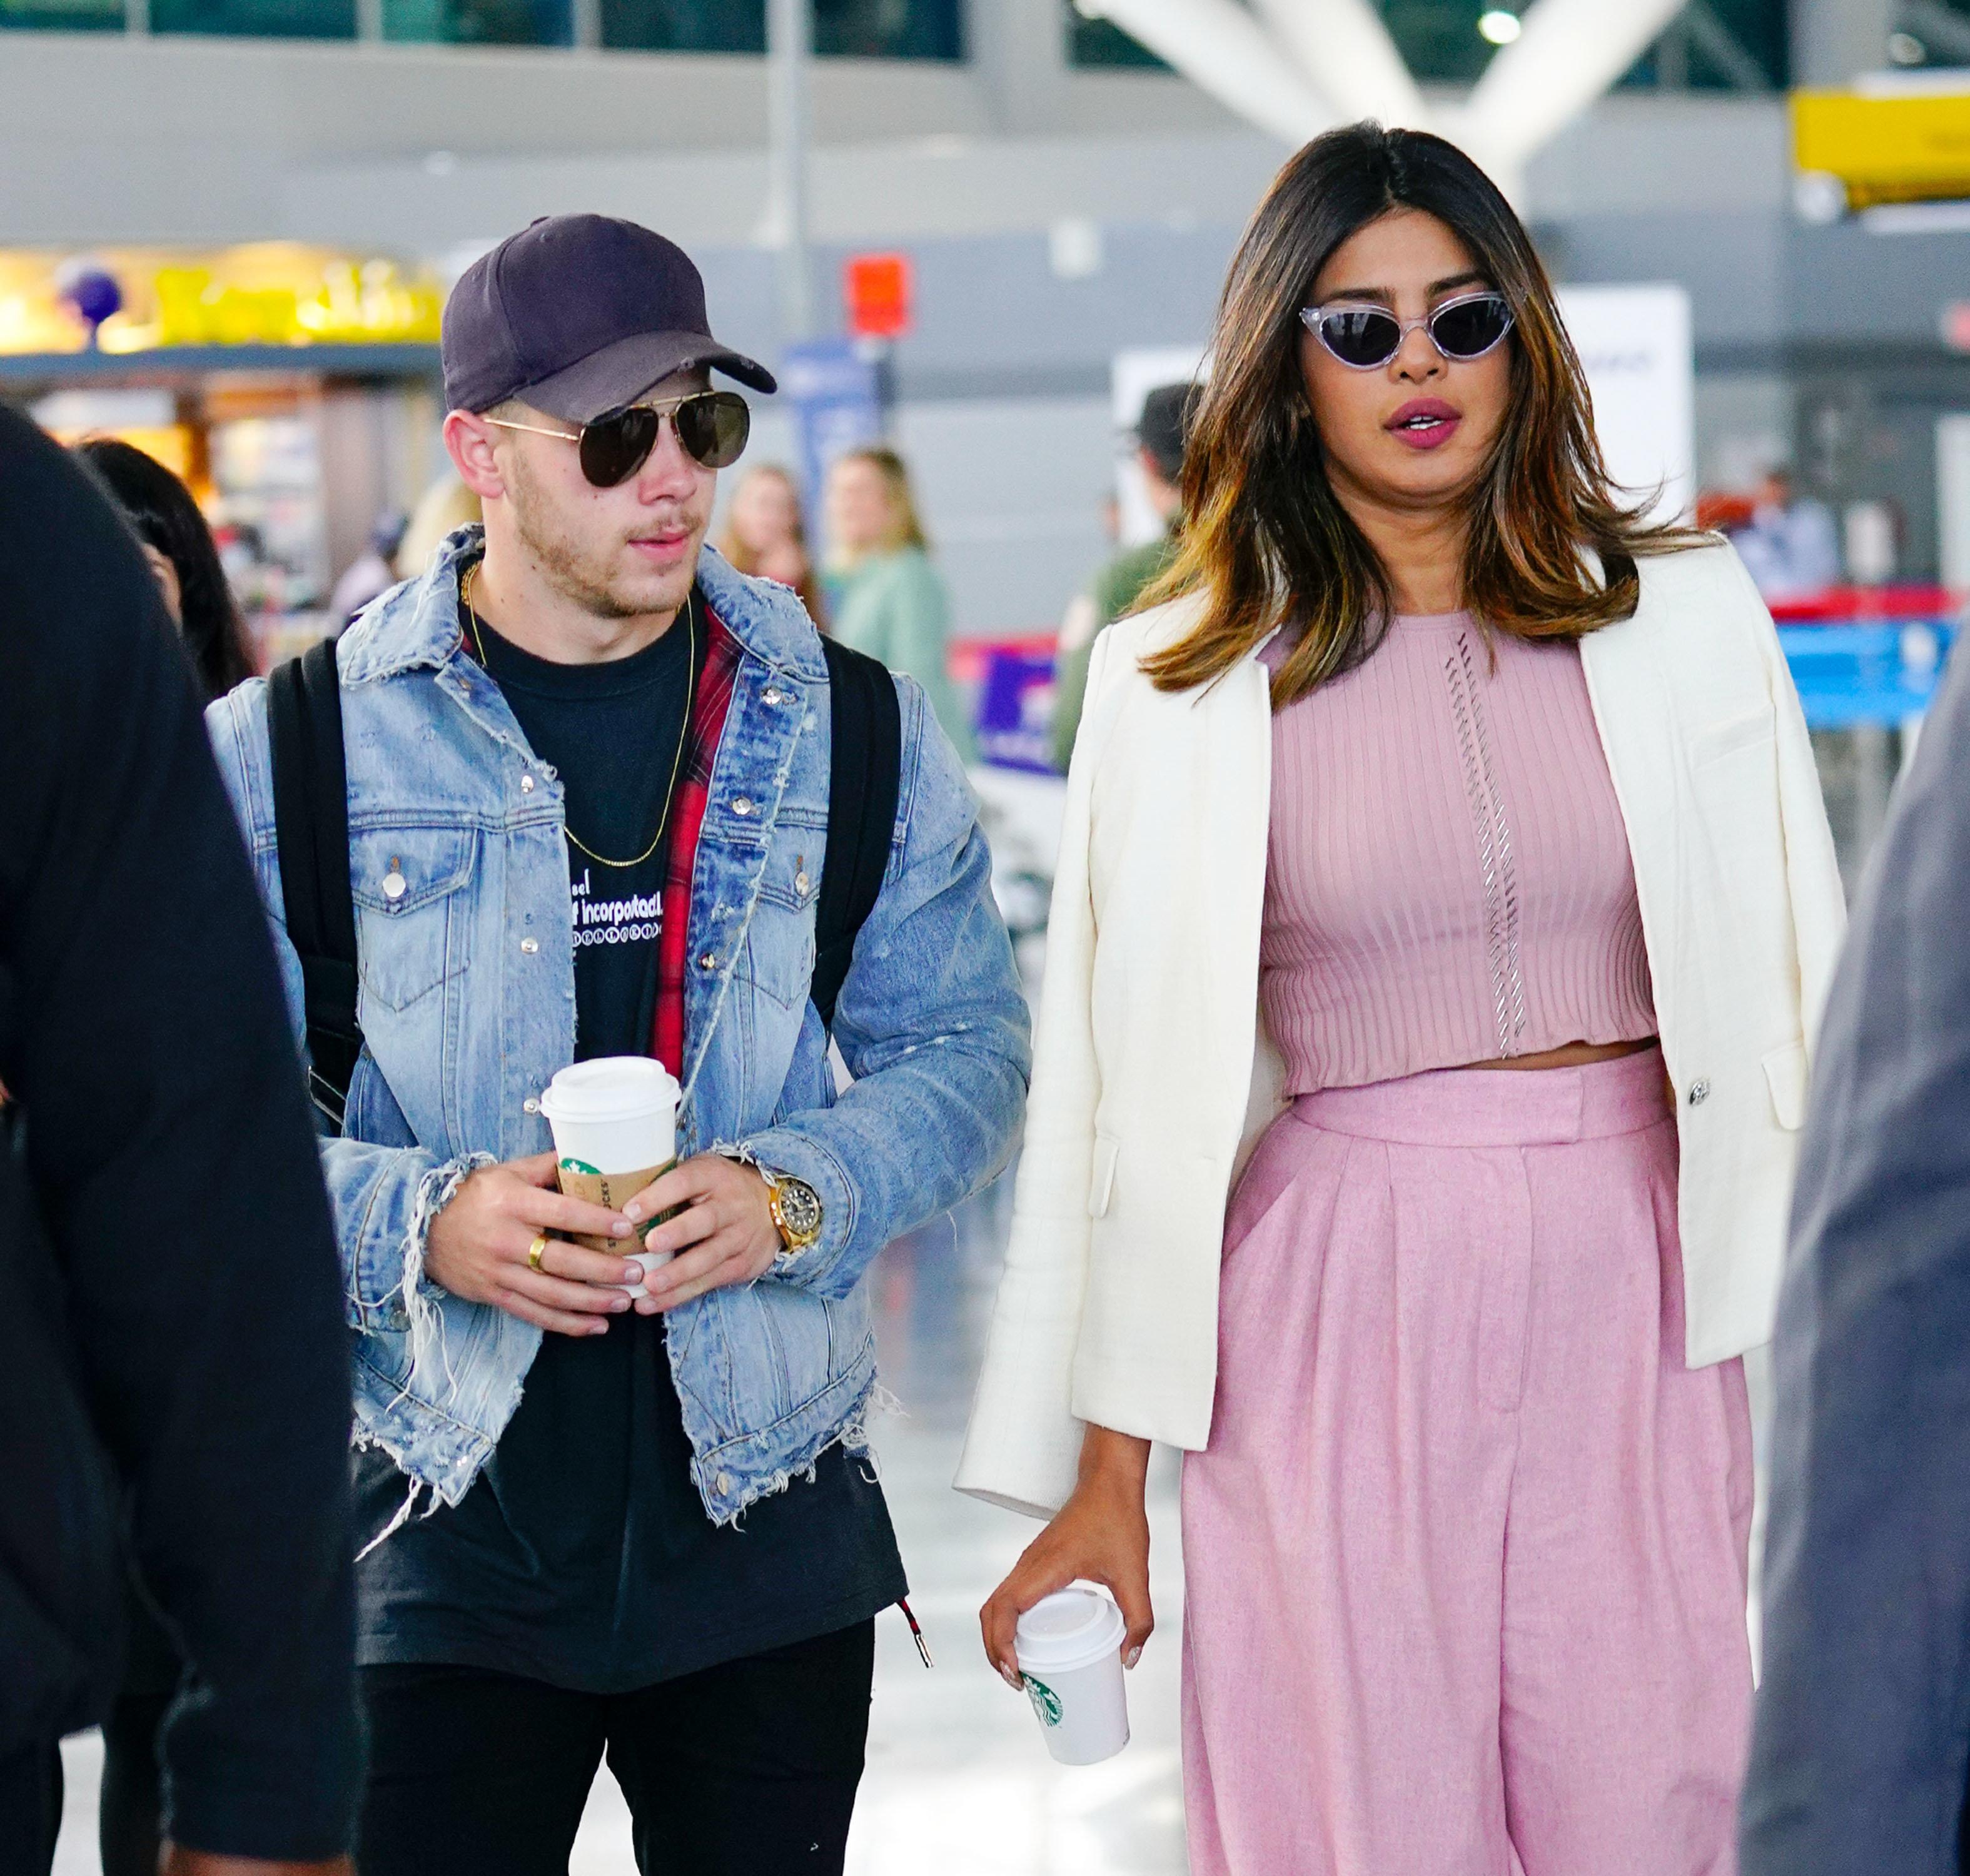 NEW YORK, NY - JUNE 08:  Nick Jonas and Priyanka Chopra at JFK airport on June 8, 2018 in New York City.  (Photo by Gotham/GC Images)